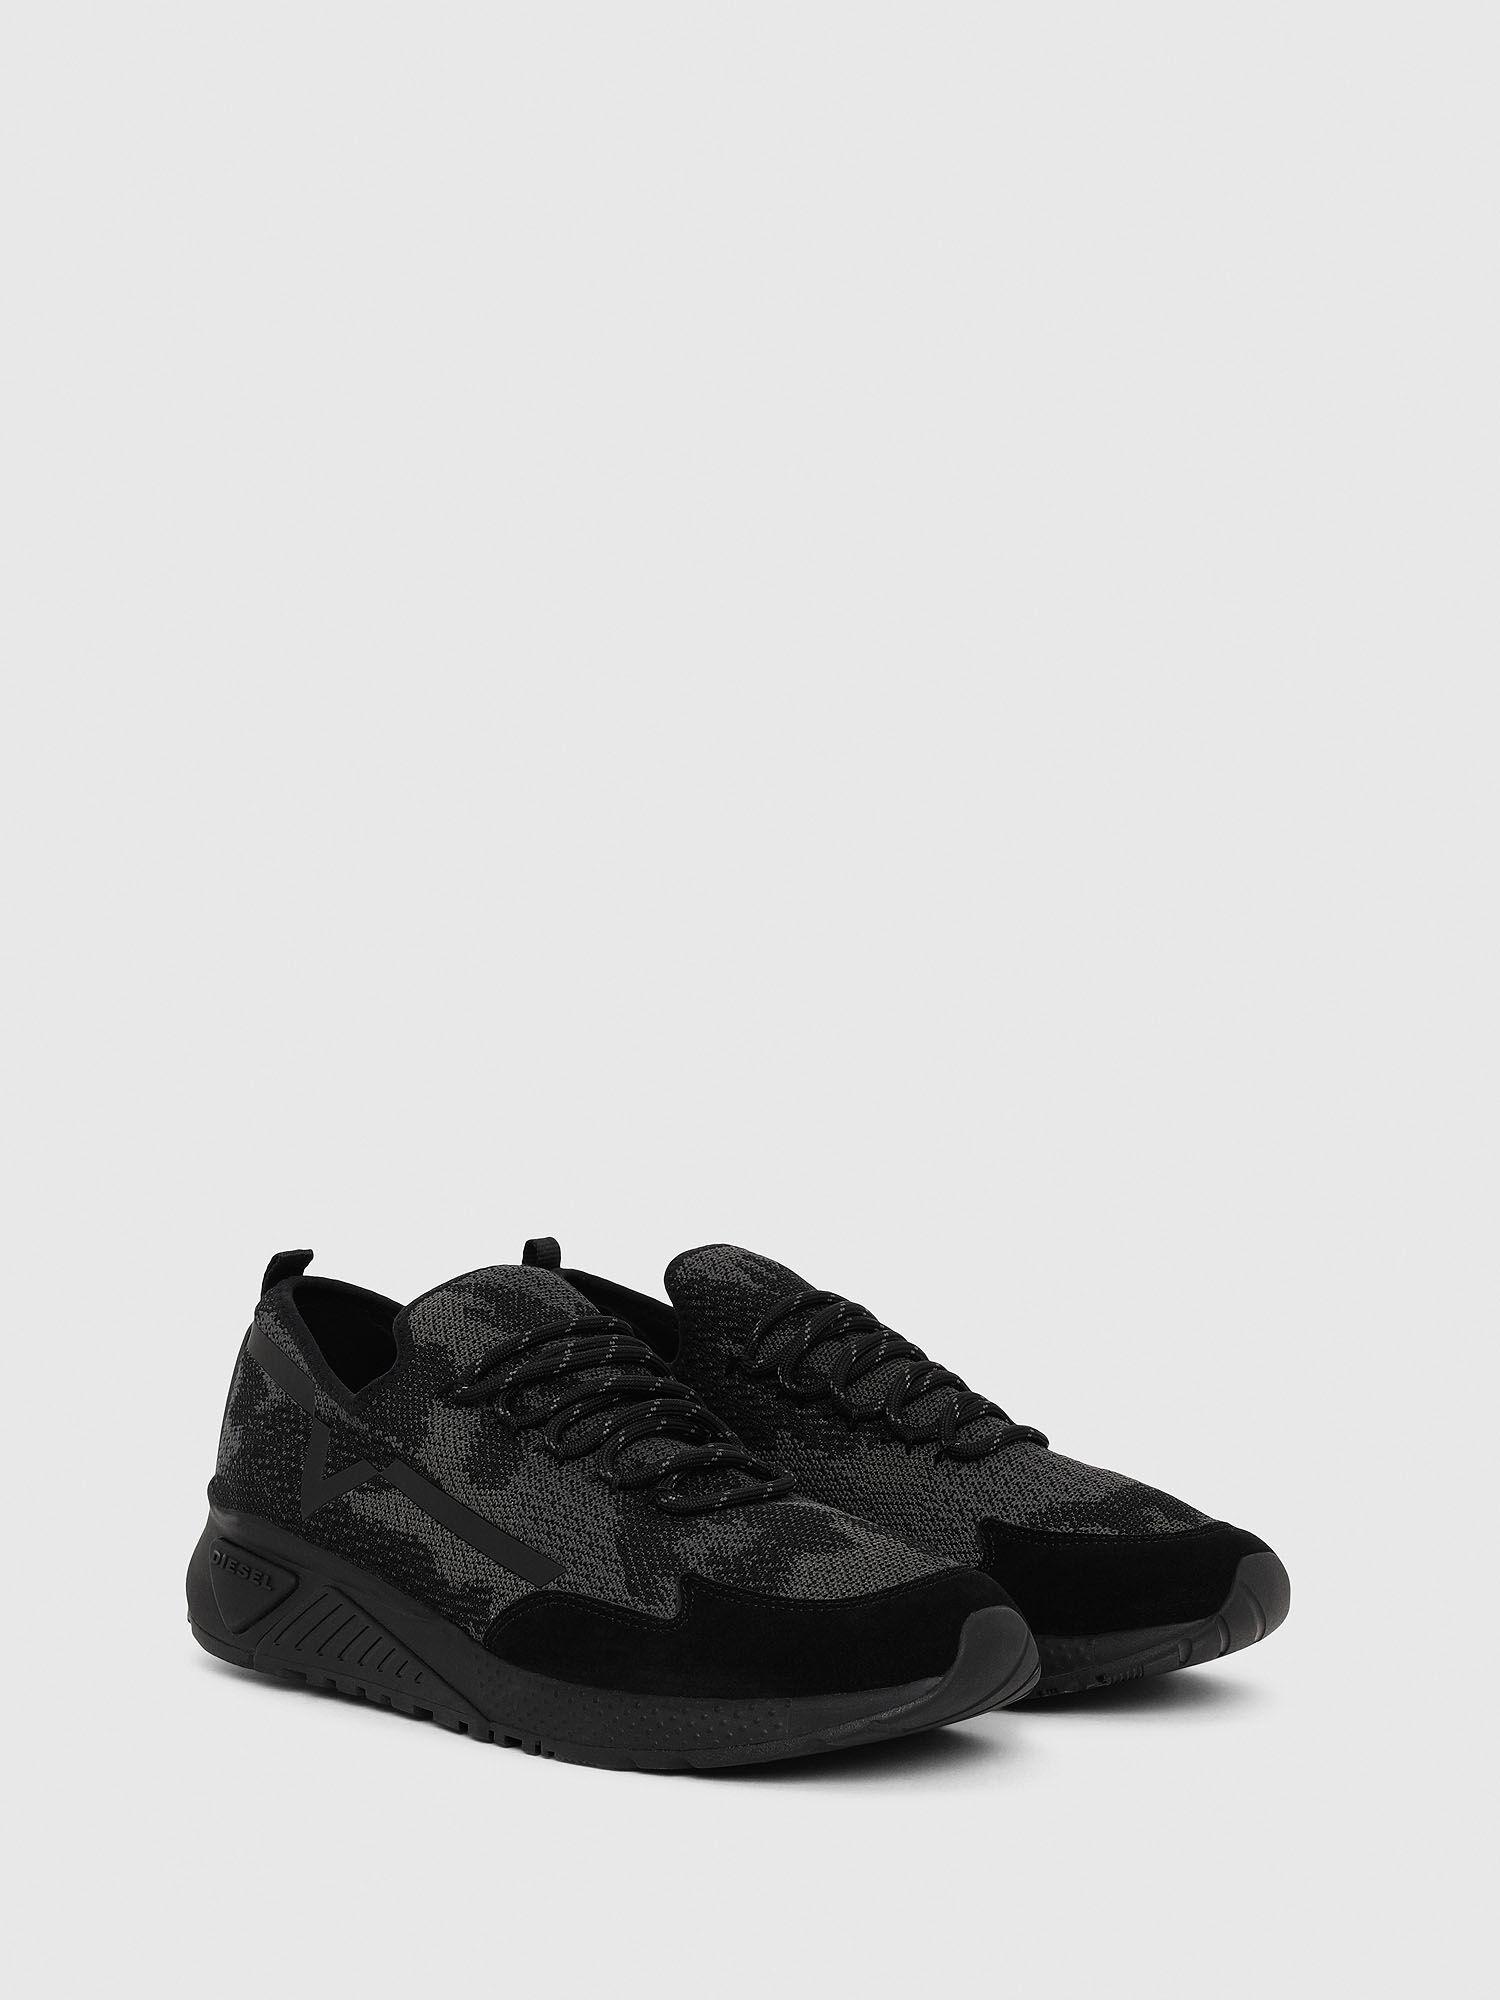 diesel sneakers price